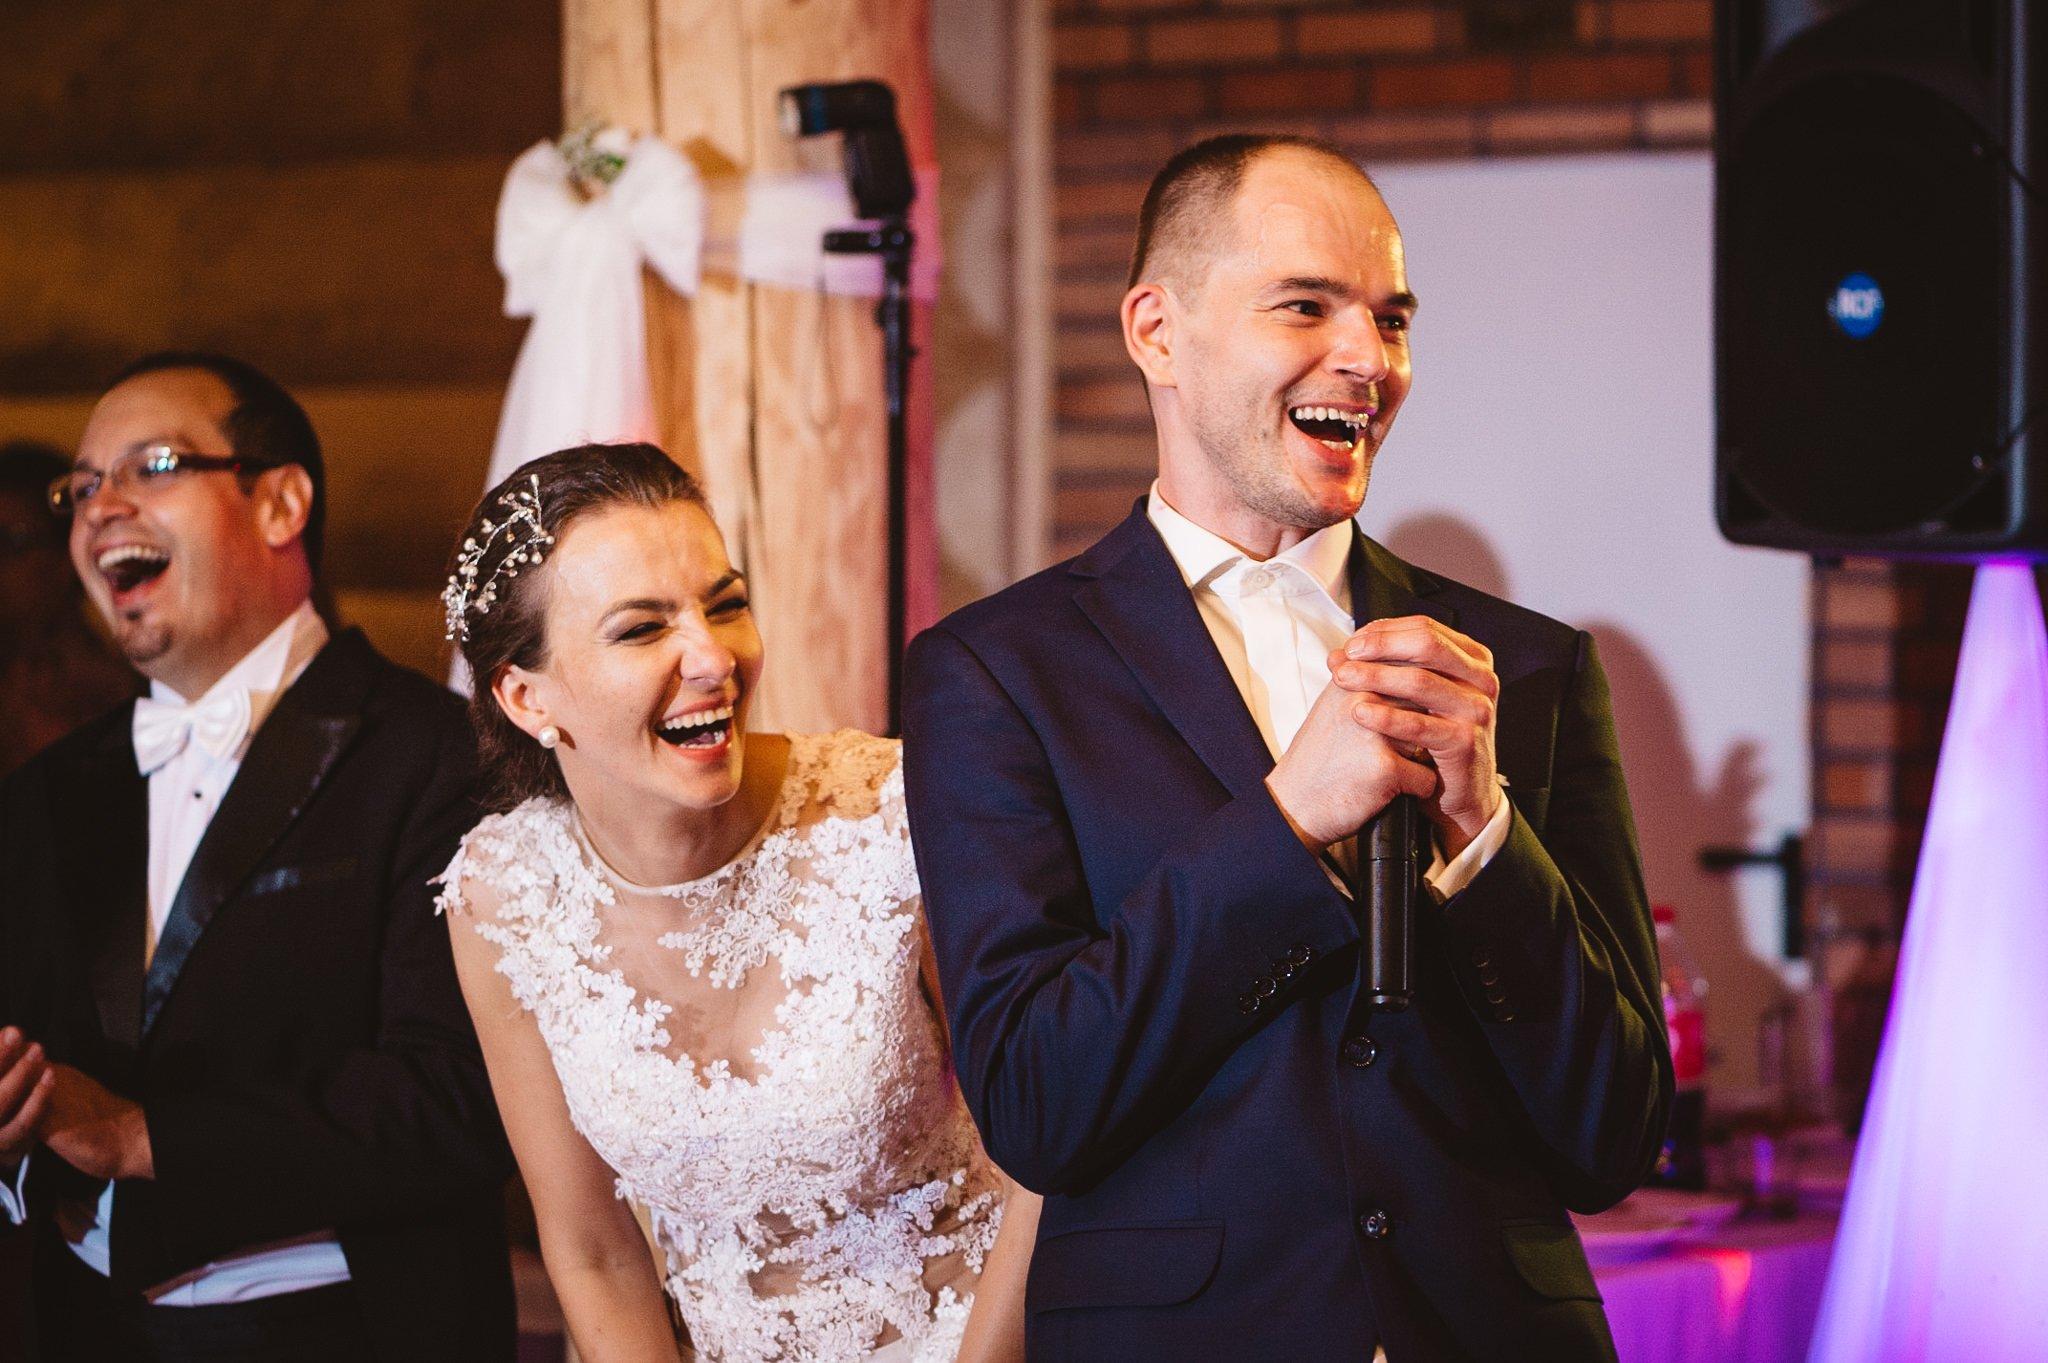 Ala i Arek, czyli jak zorganizować ślub i wesele w 4 tygodnie! 358